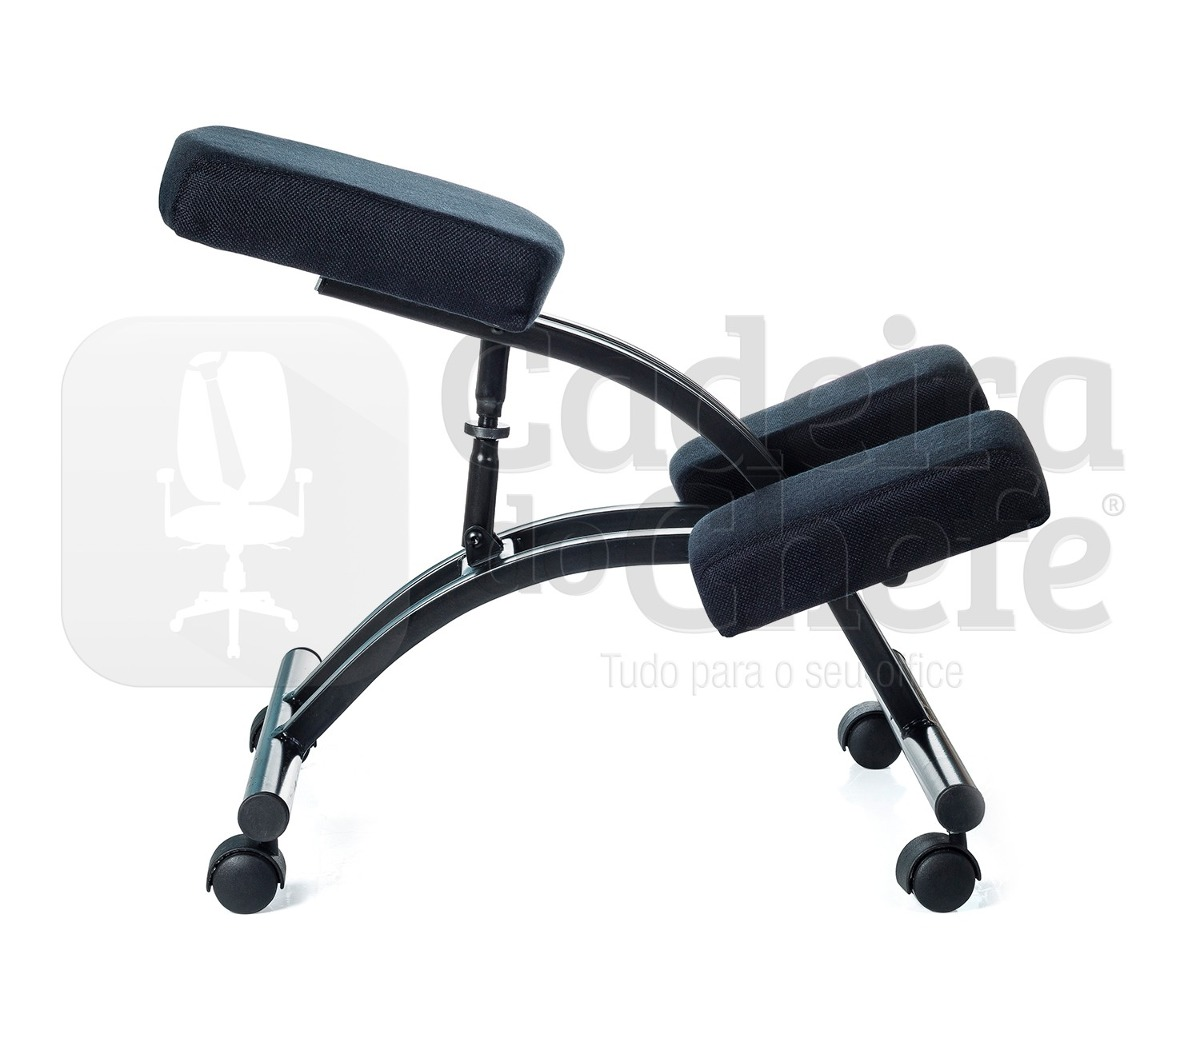 Cadeira Ergonômica De Joelho (kneeling Chair) Preta R$ 279 90 no  #424F5C 1200x1050